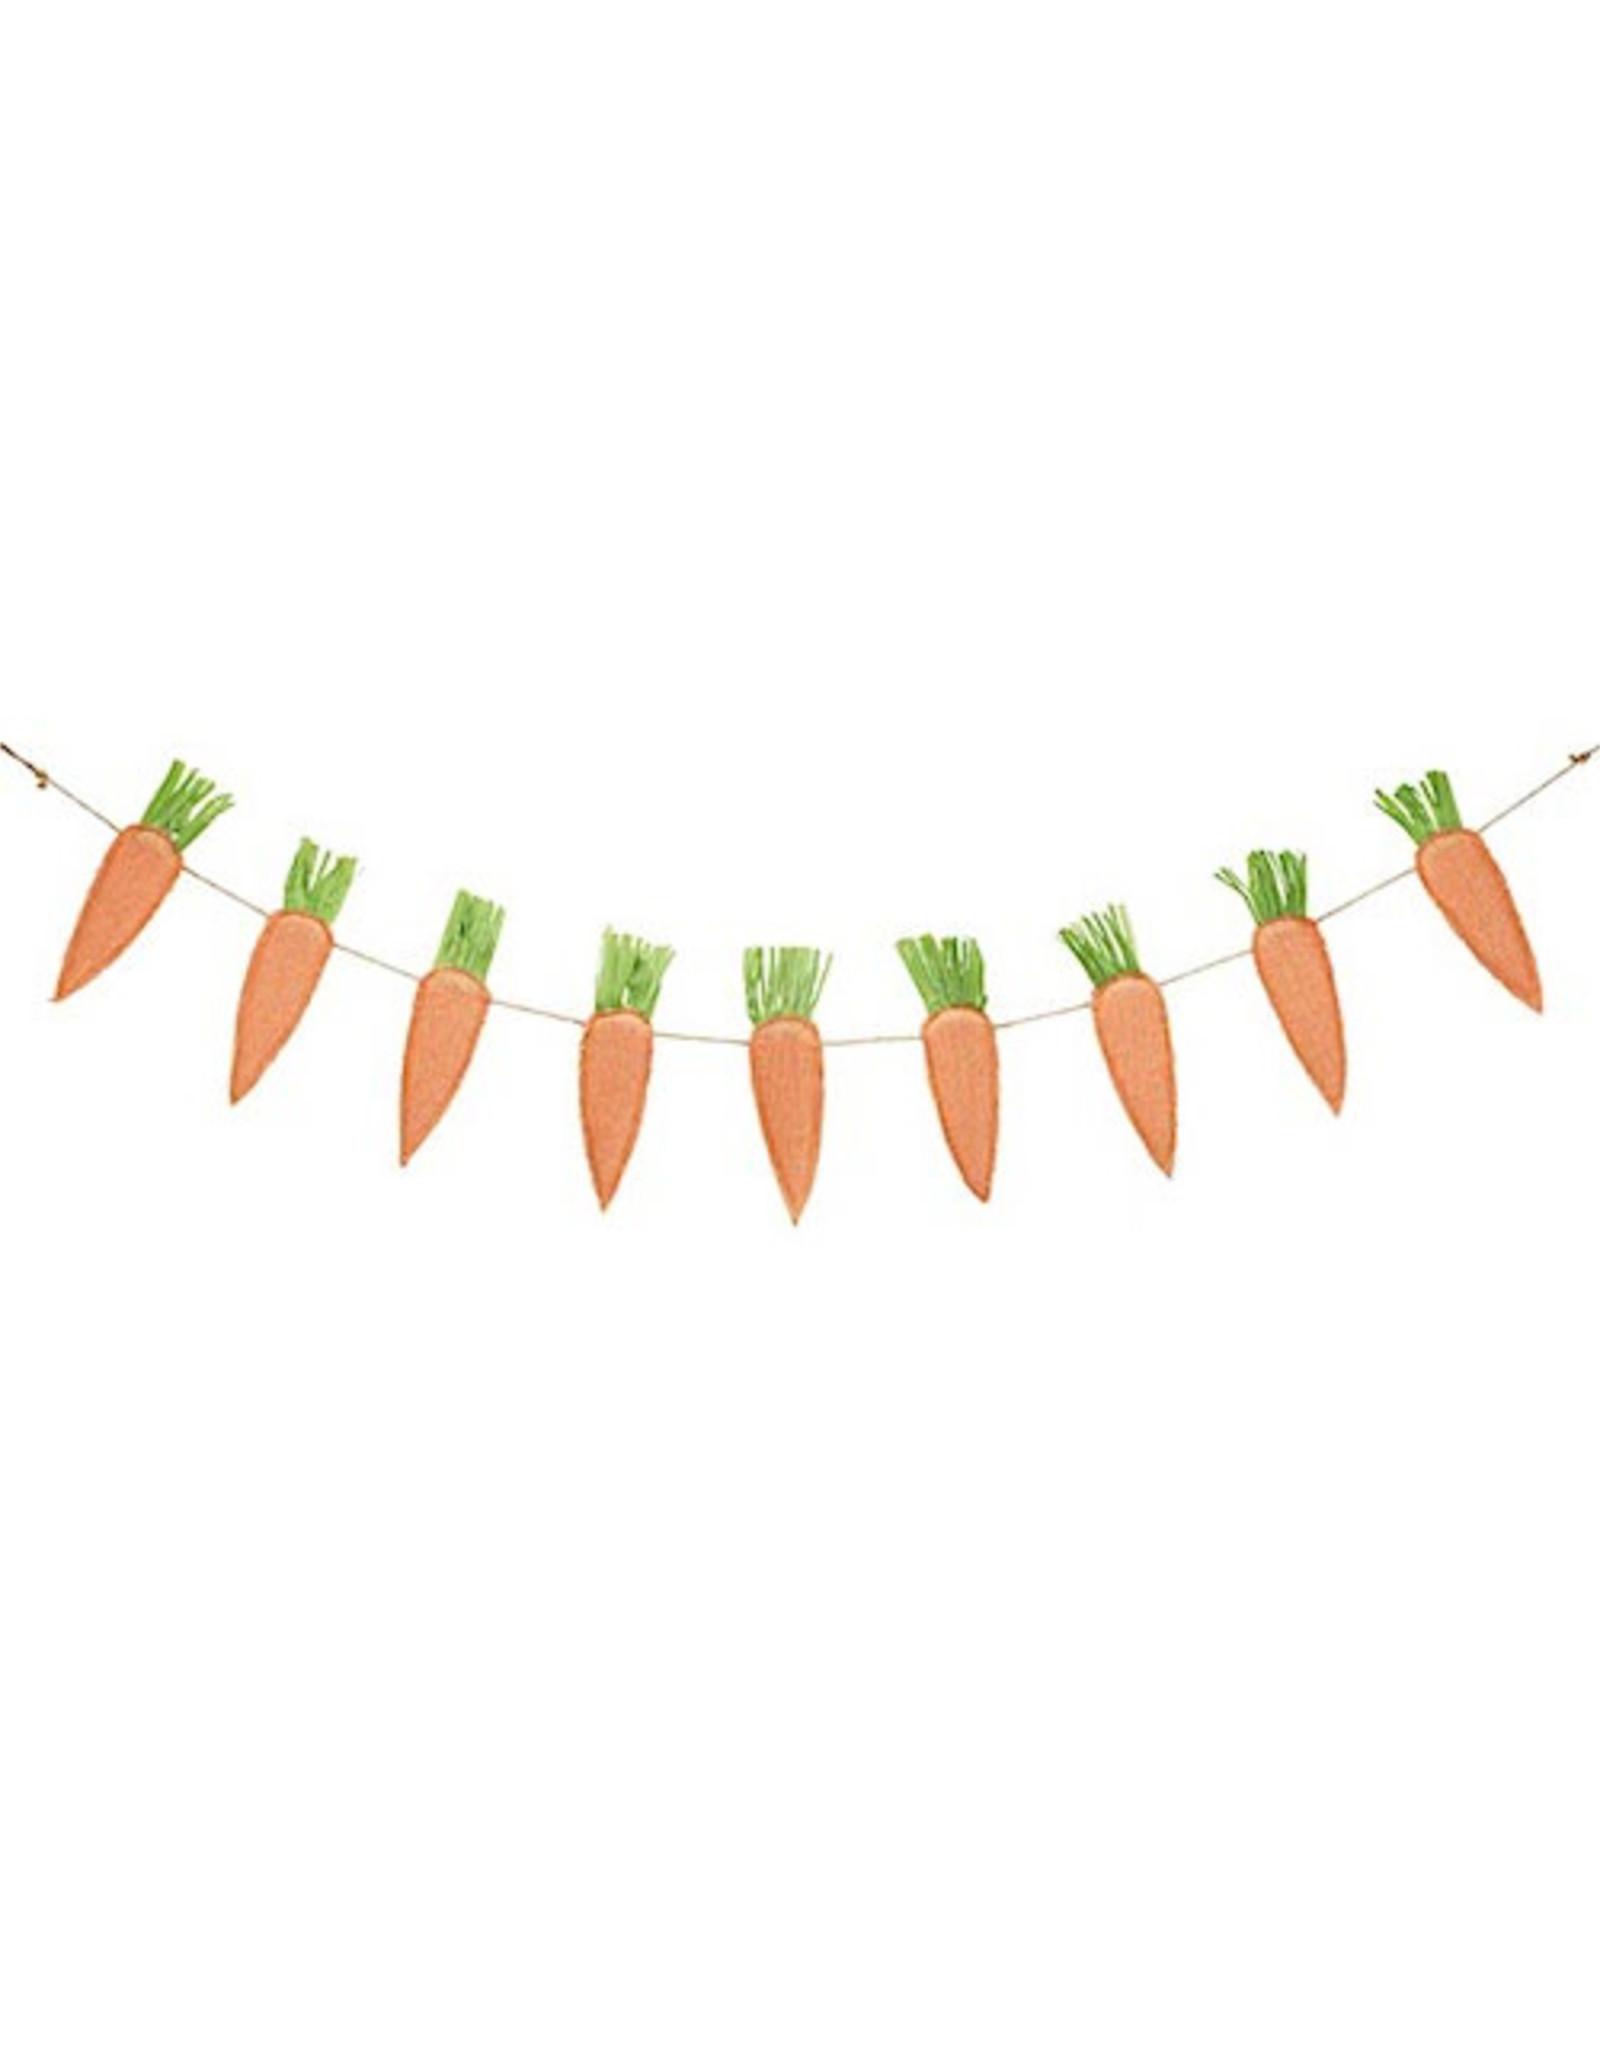 Burton & Burton Hanging Burlap Carrots